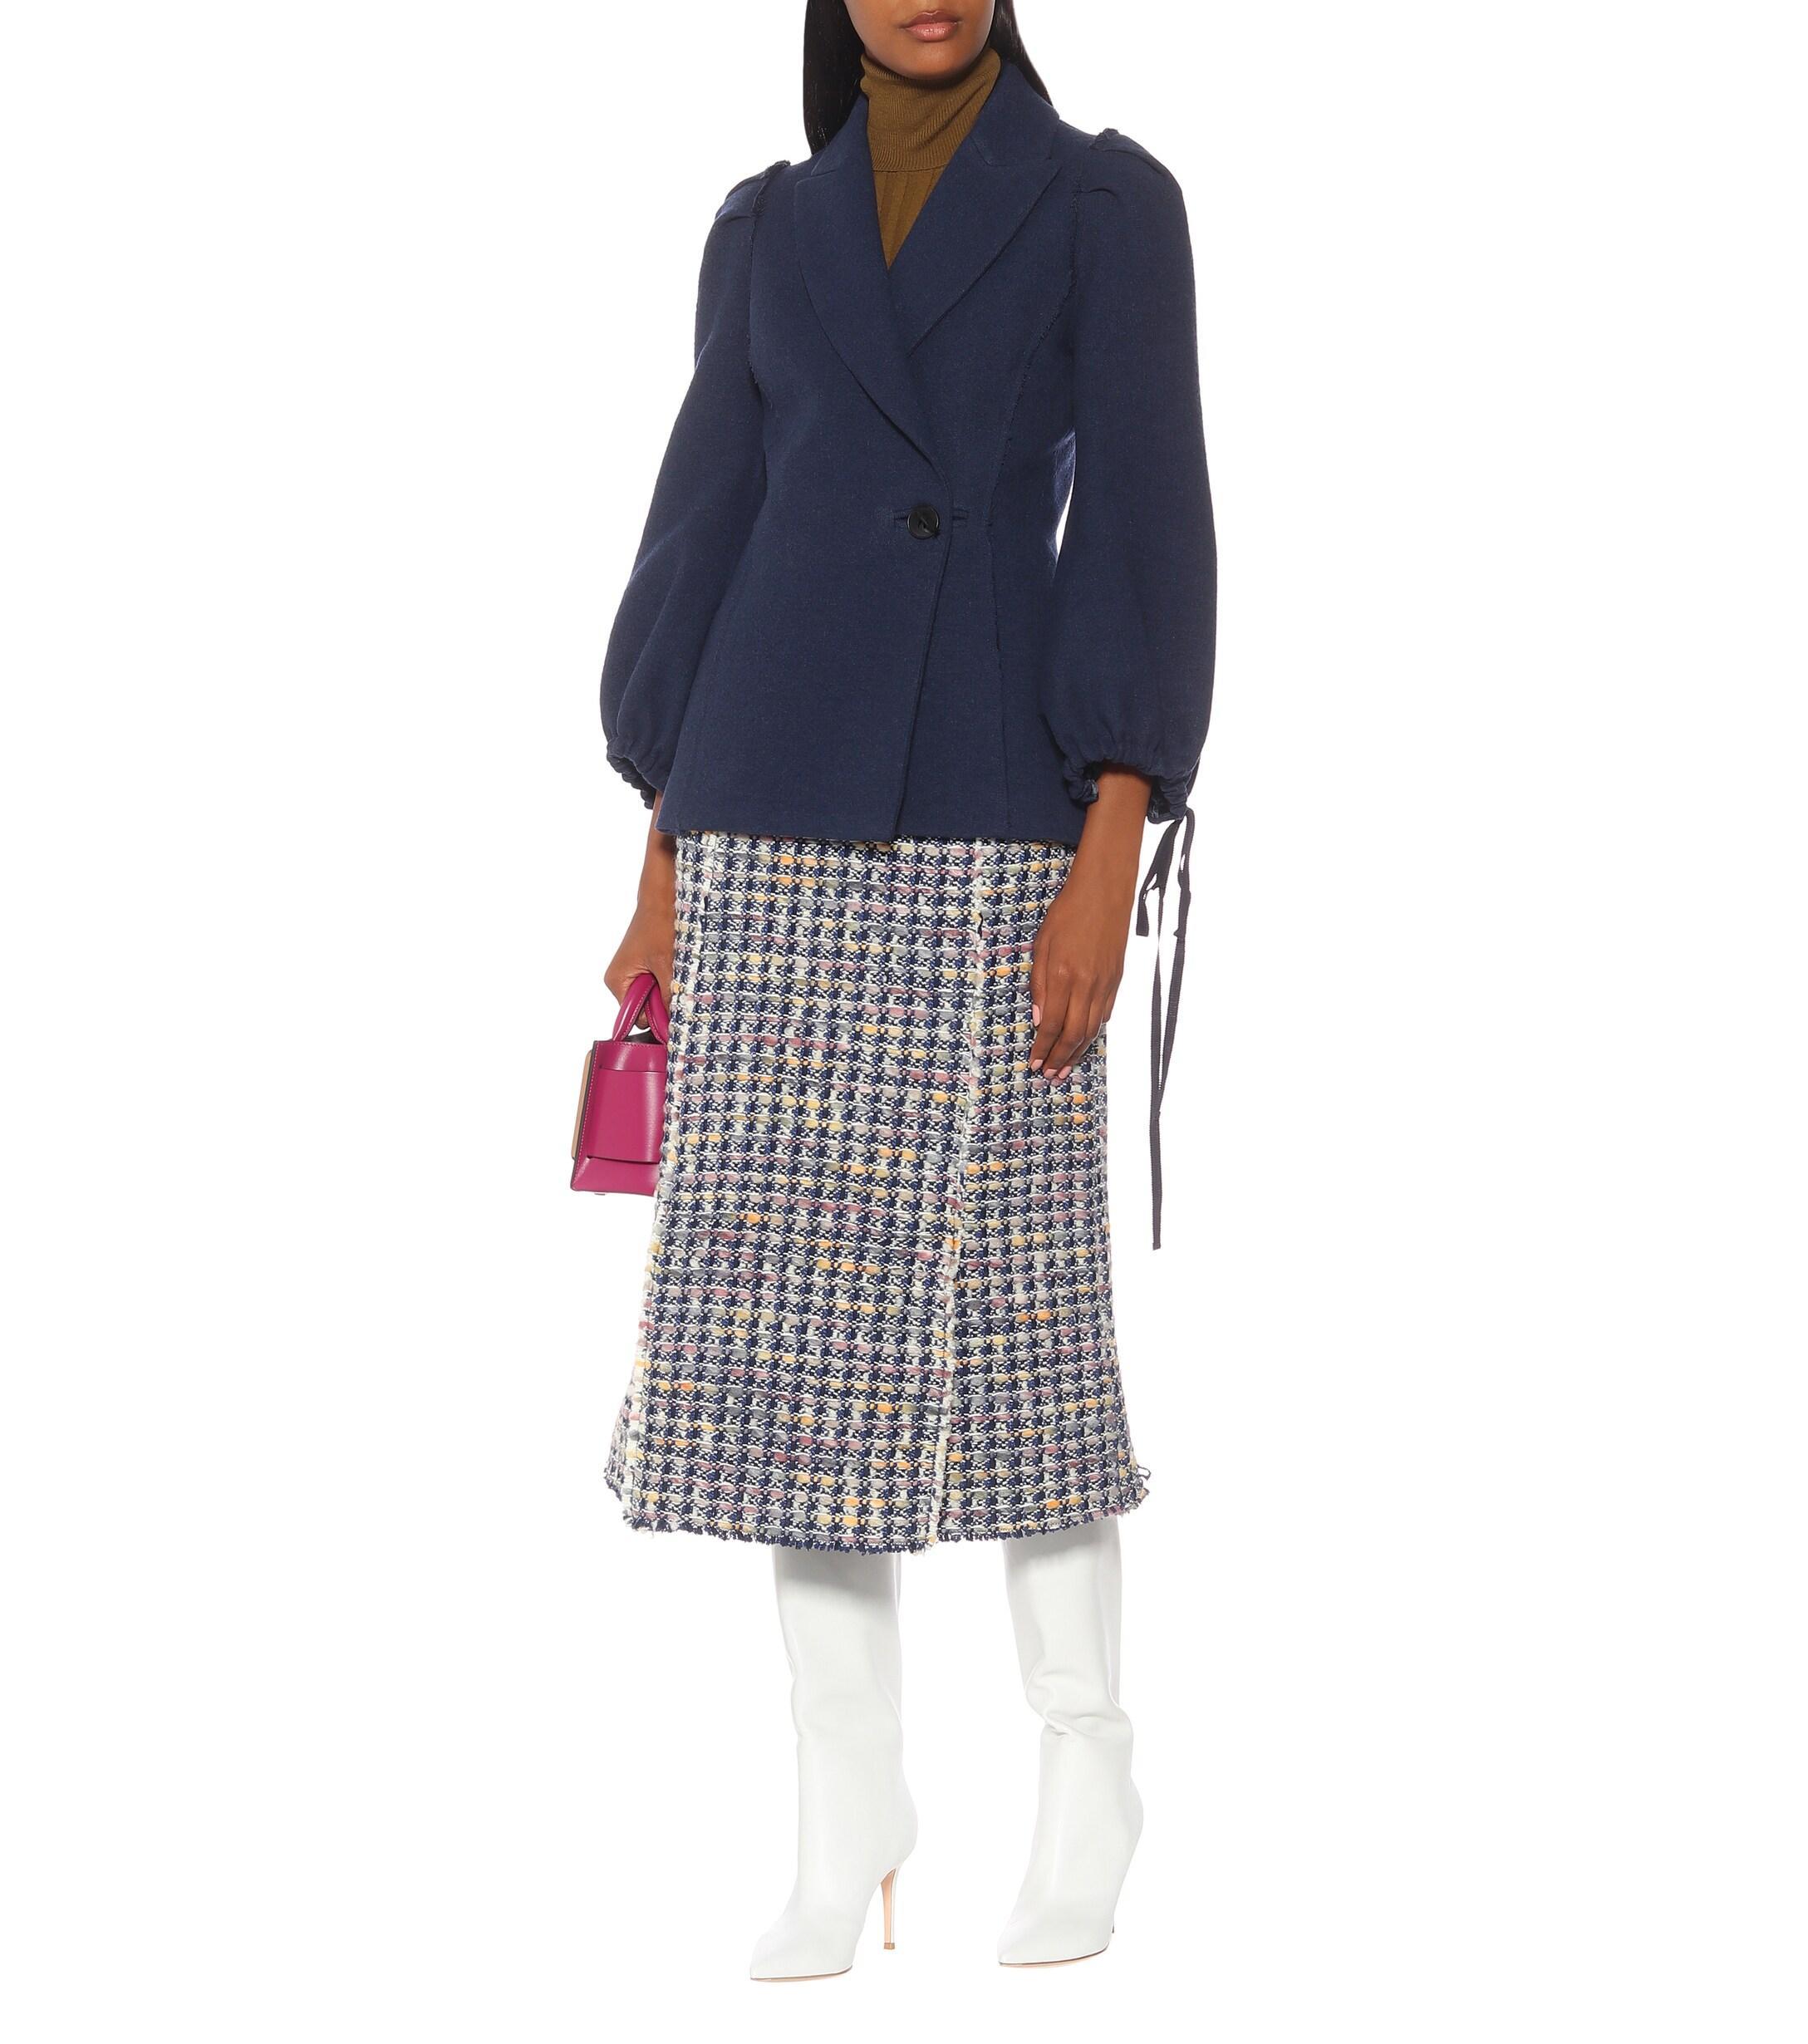 Chaqueta Pandolfi de lana y lino Brock Collection de Lana de color Azul